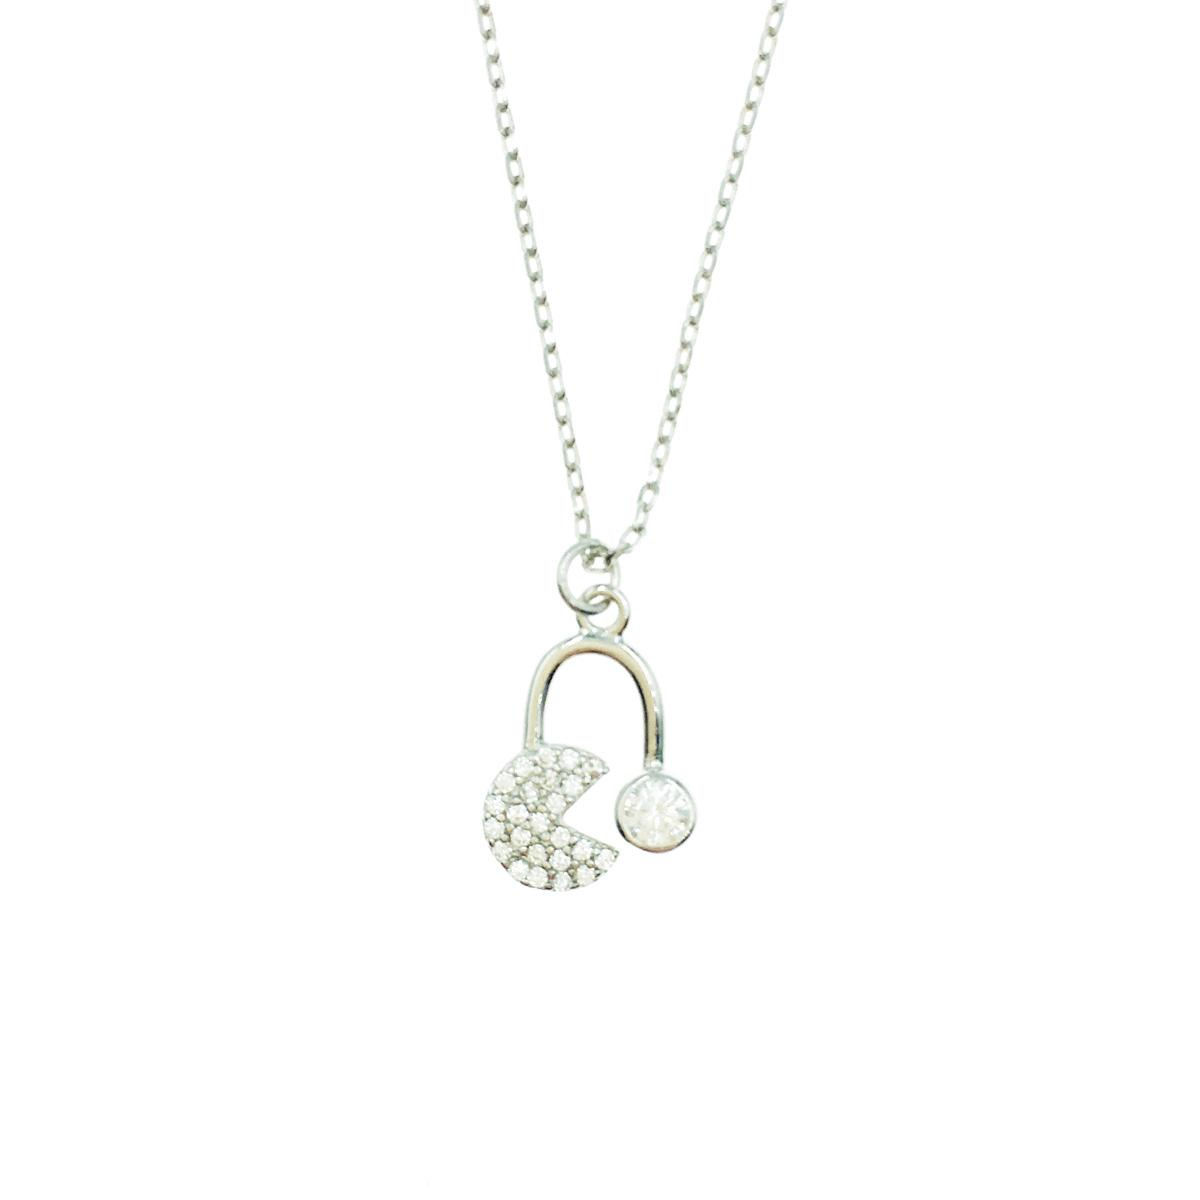 韓國 925純銀 可愛 俏皮 小精靈 低調水鑽簡約質感 項鍊